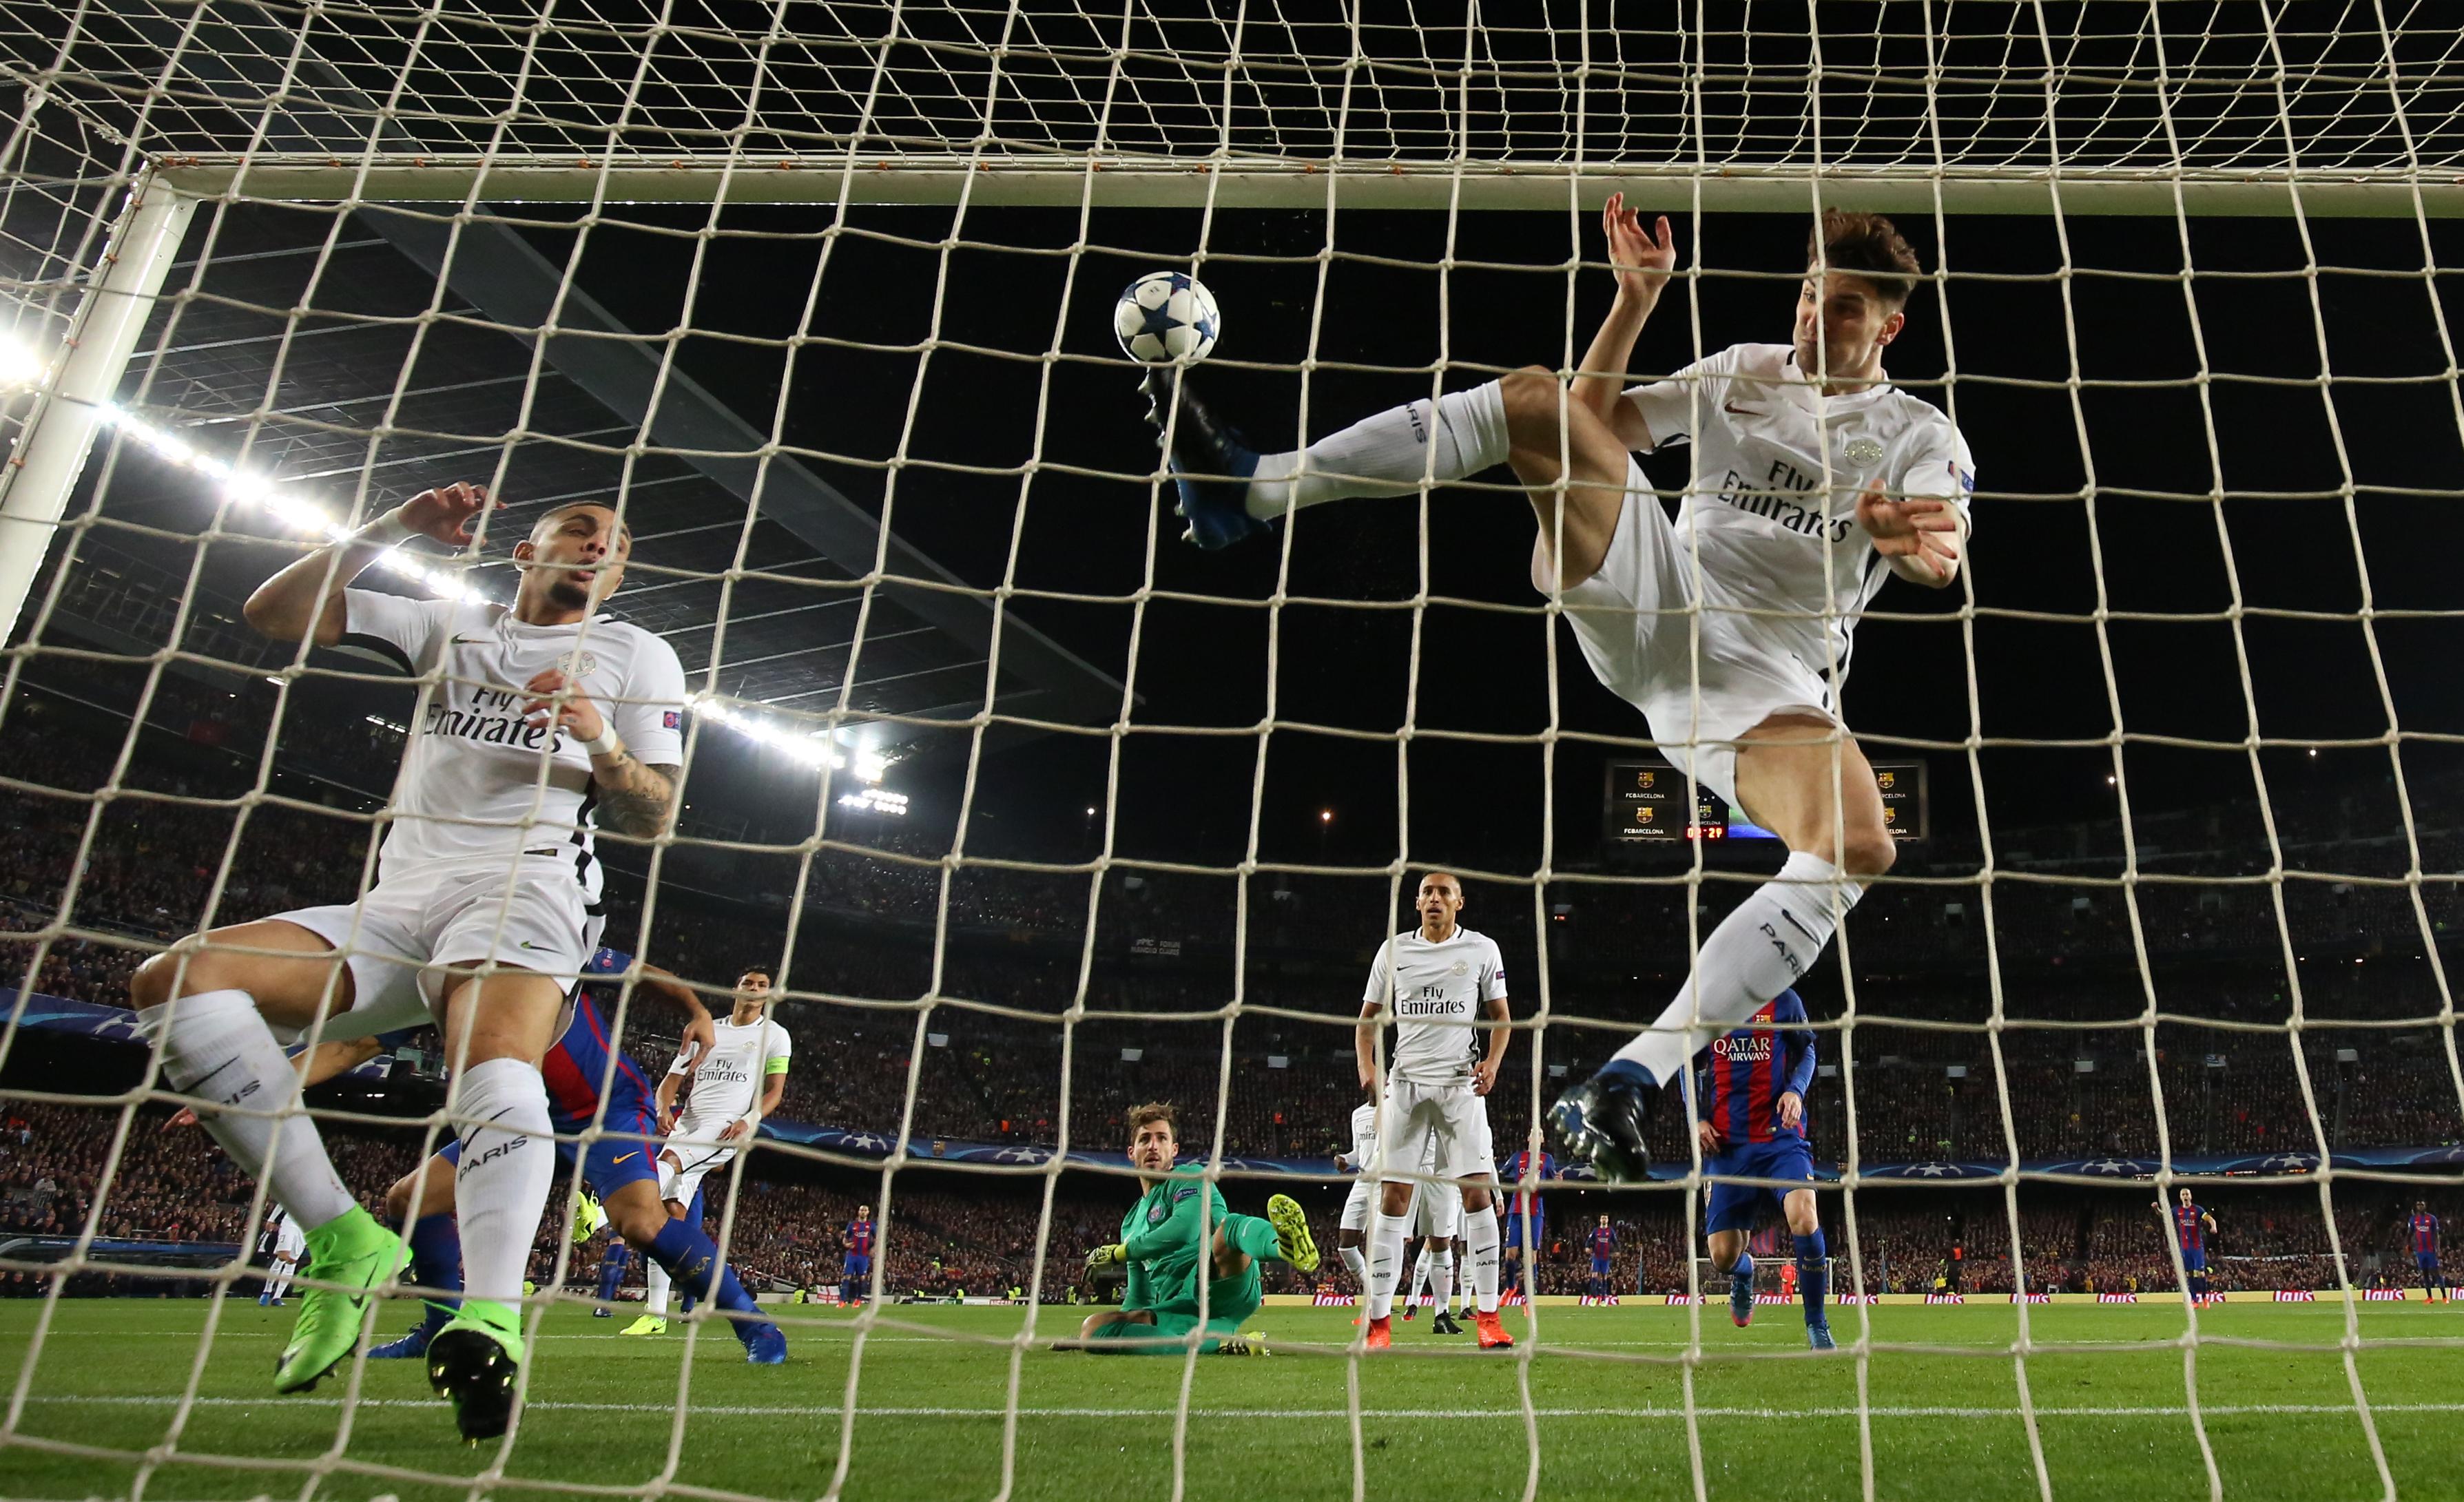 هدف برشلونة في باريس سان جيرمان